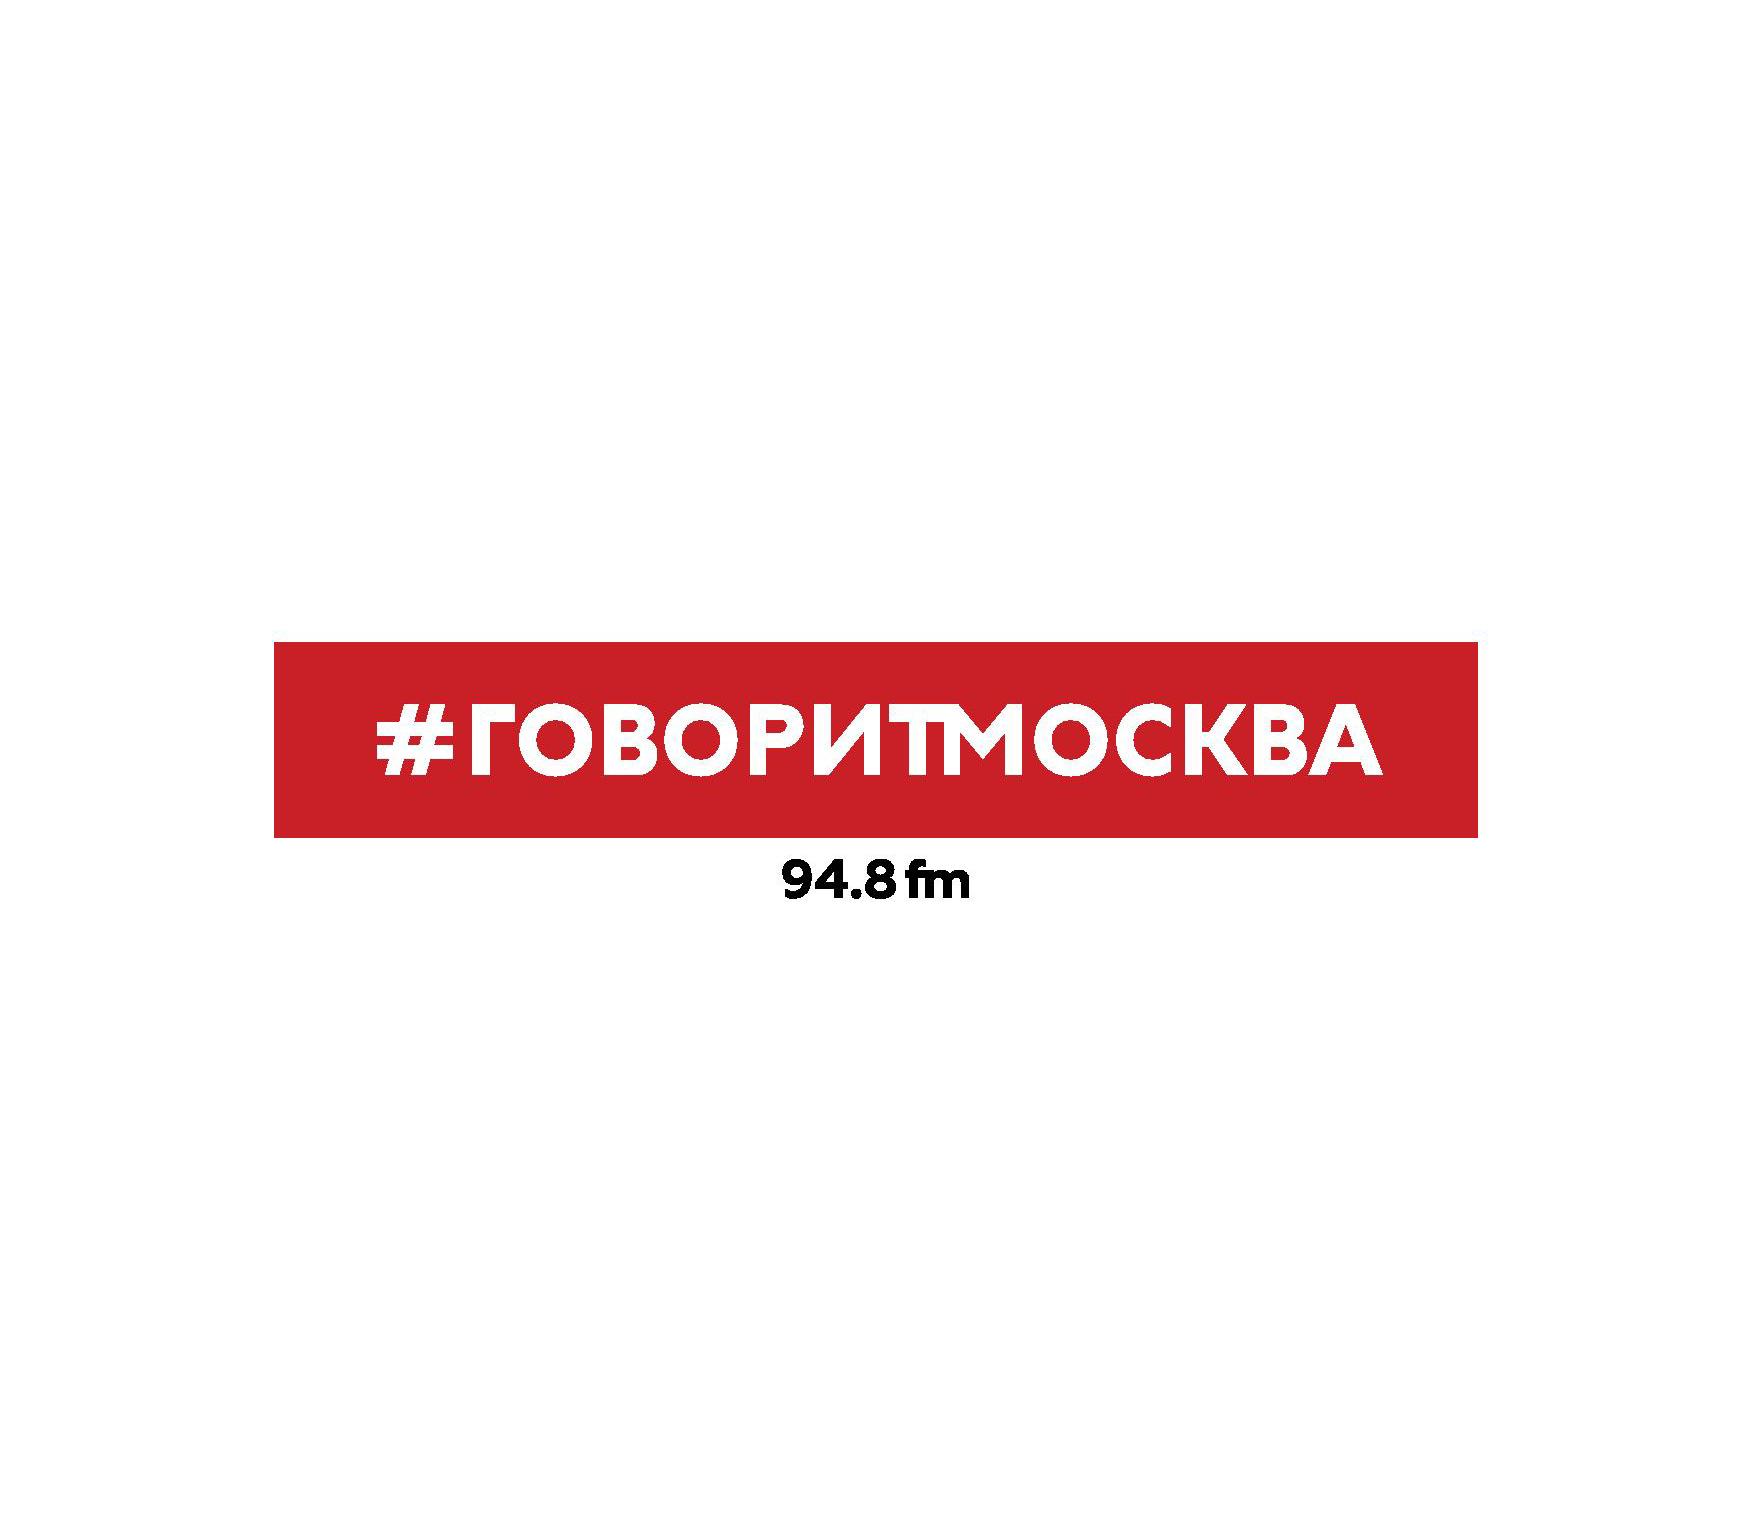 Макс Челноков 4 мая. Валерий Меладзе макс челноков 4 мая валерий меладзе